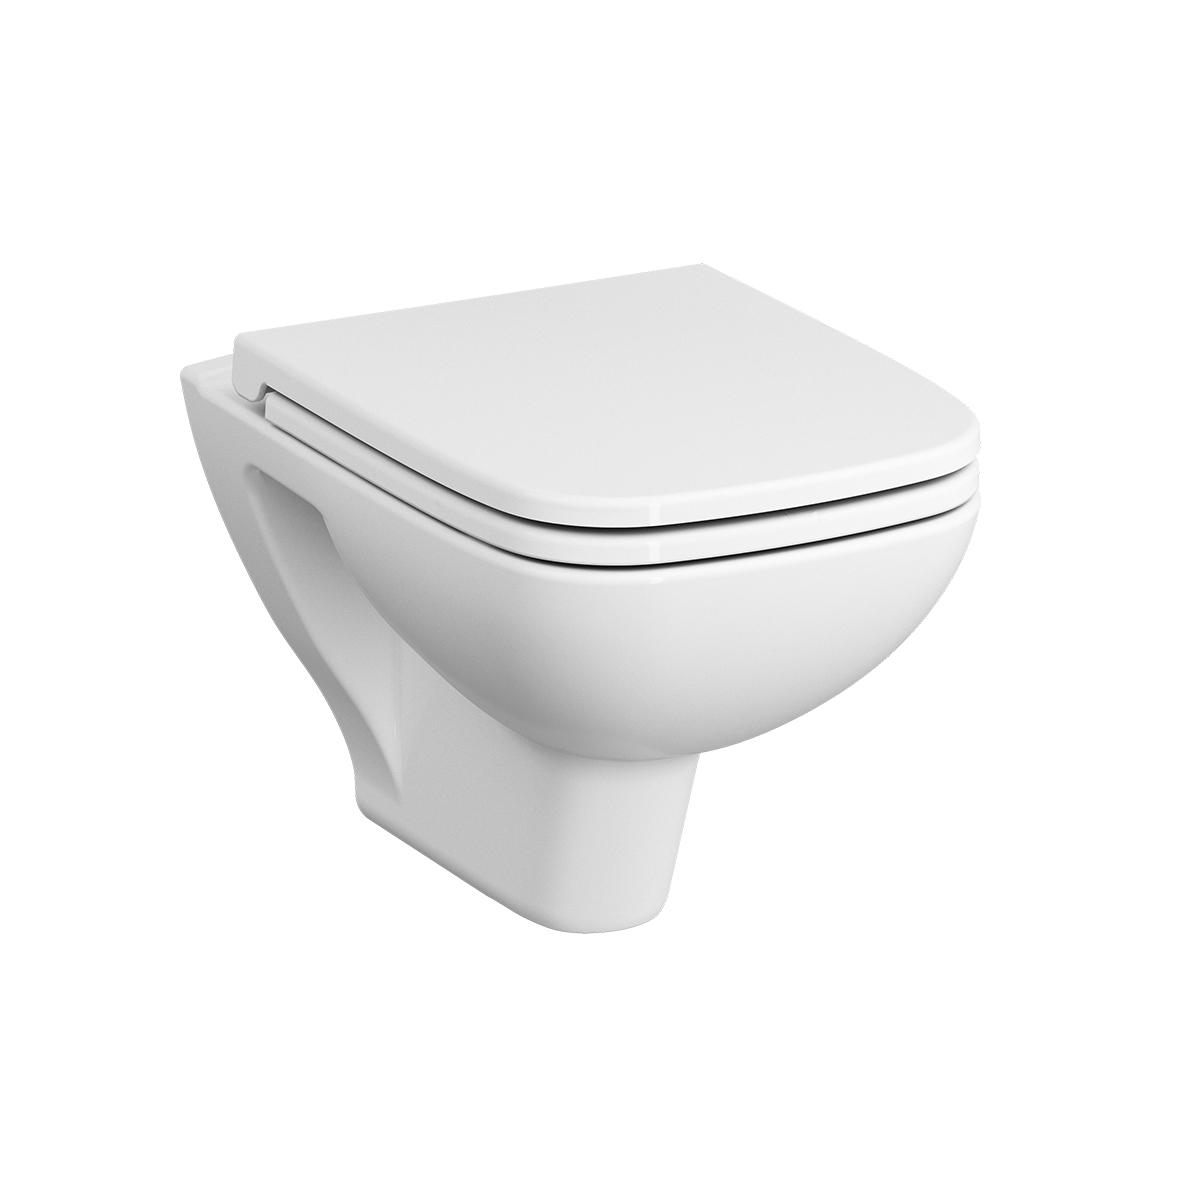 S20 WC suspendu, sans bride, avec fonction bidet, blanc